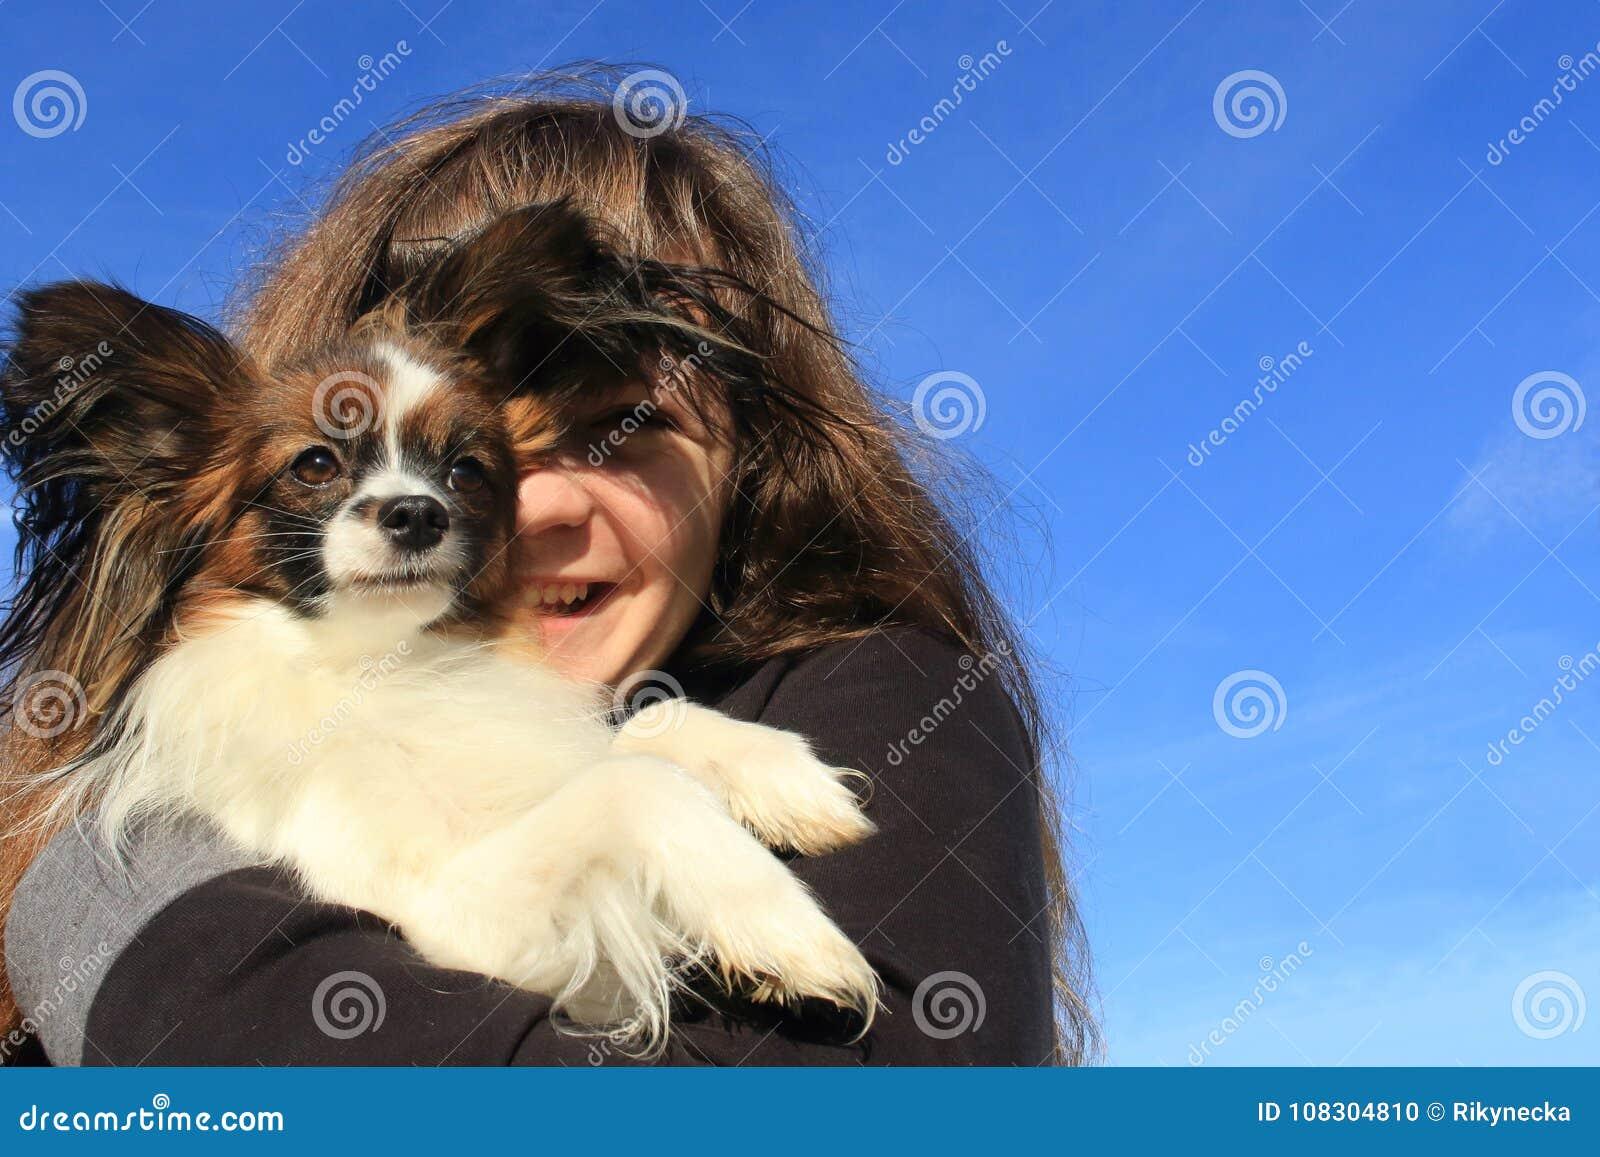 Une jeune fille avec de longs cheveux bruns tient un petit chien velu